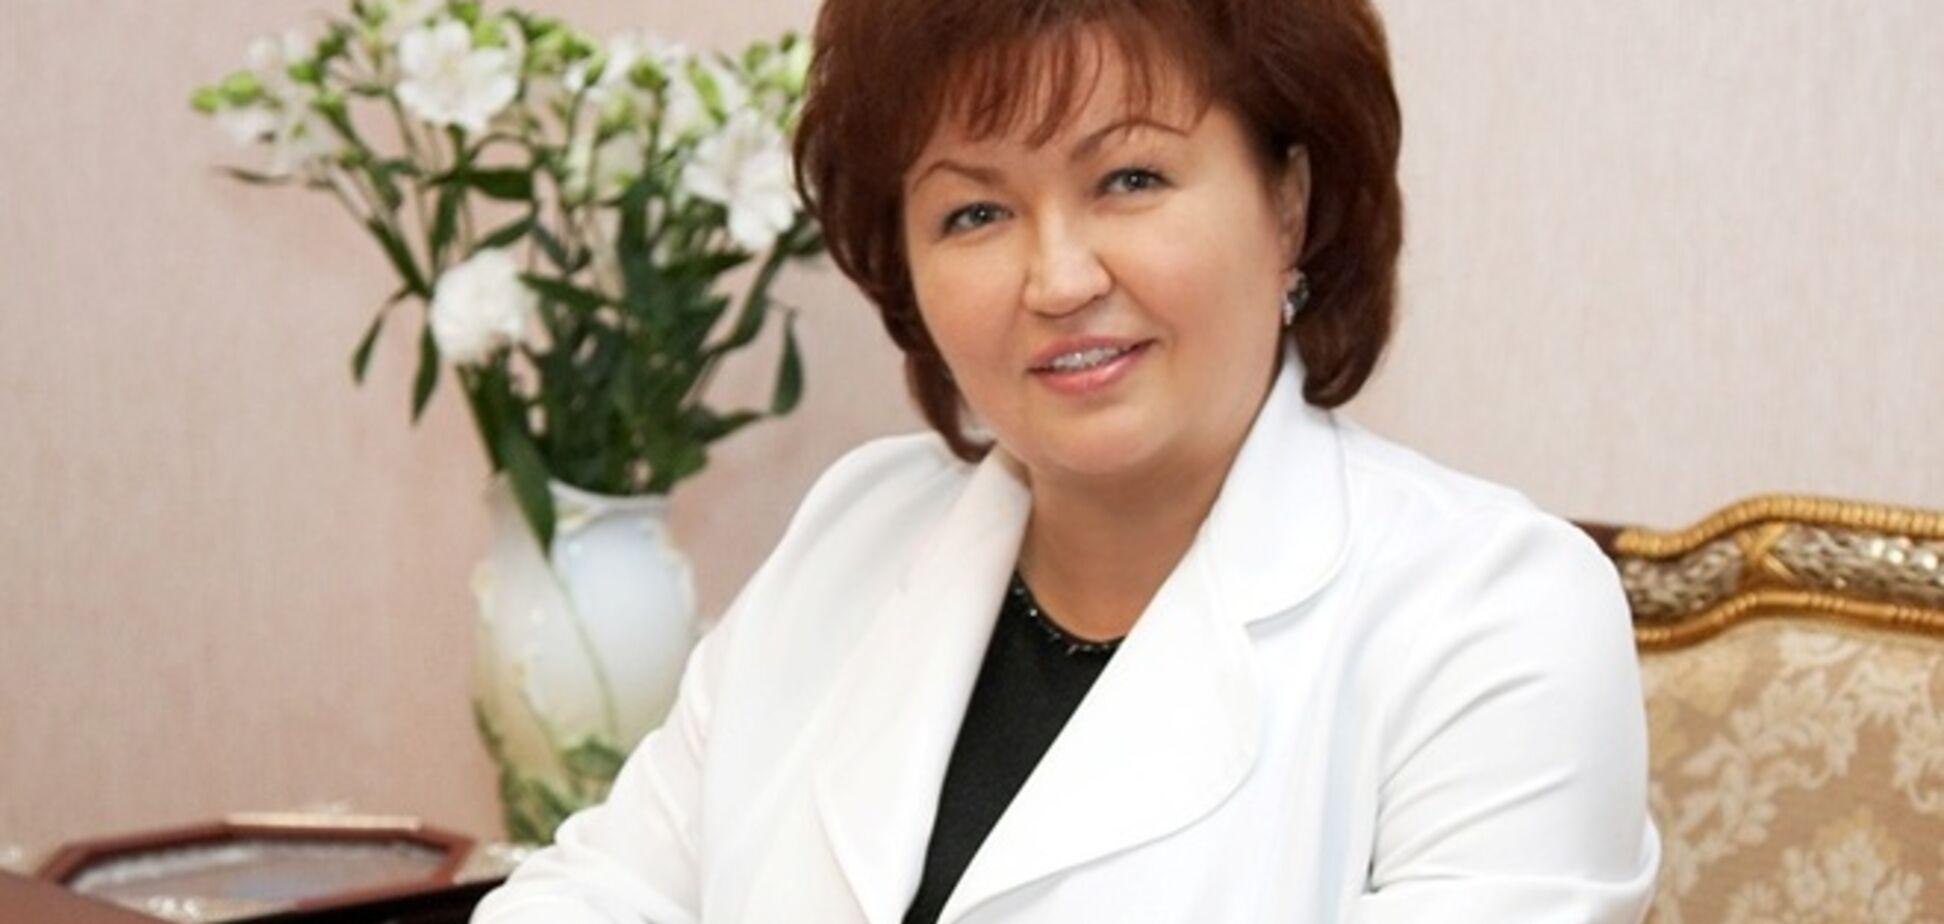 Нардепа Бахтееву коллеги задарили цветами в первый день работы обновленной Рады